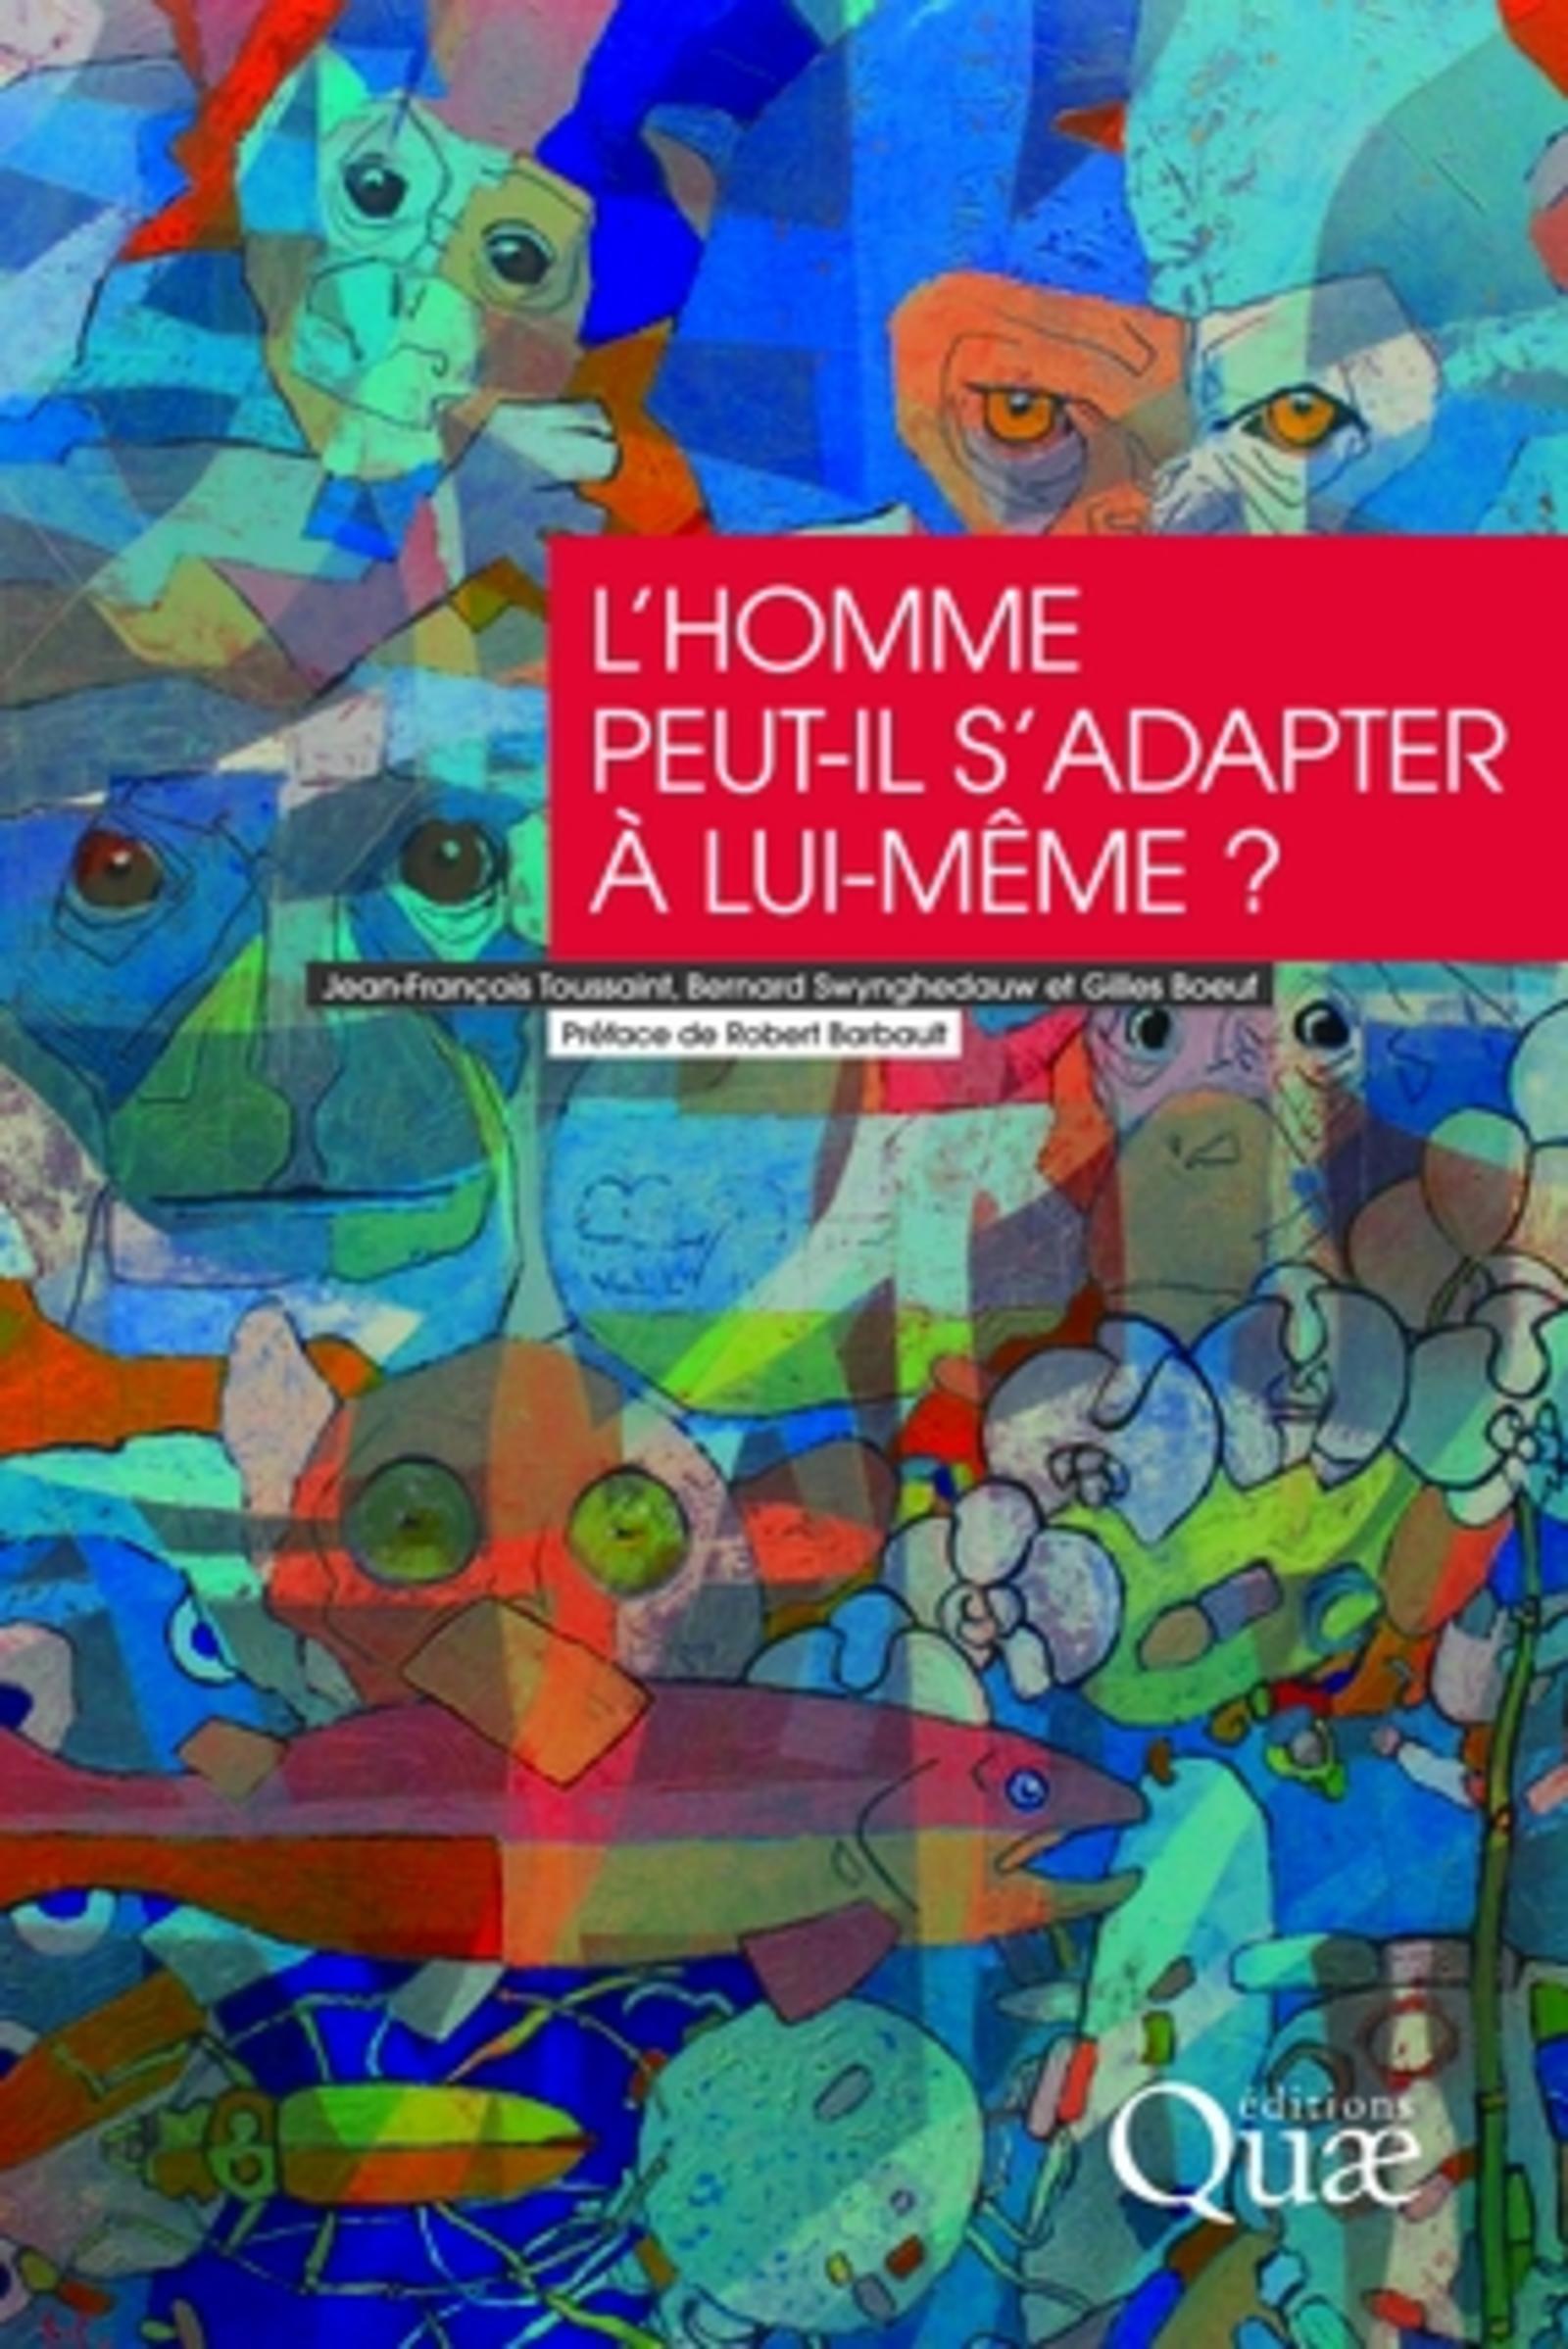 L'HOMME PEUT-IL S'ADAPTER A LUI-MEME ?